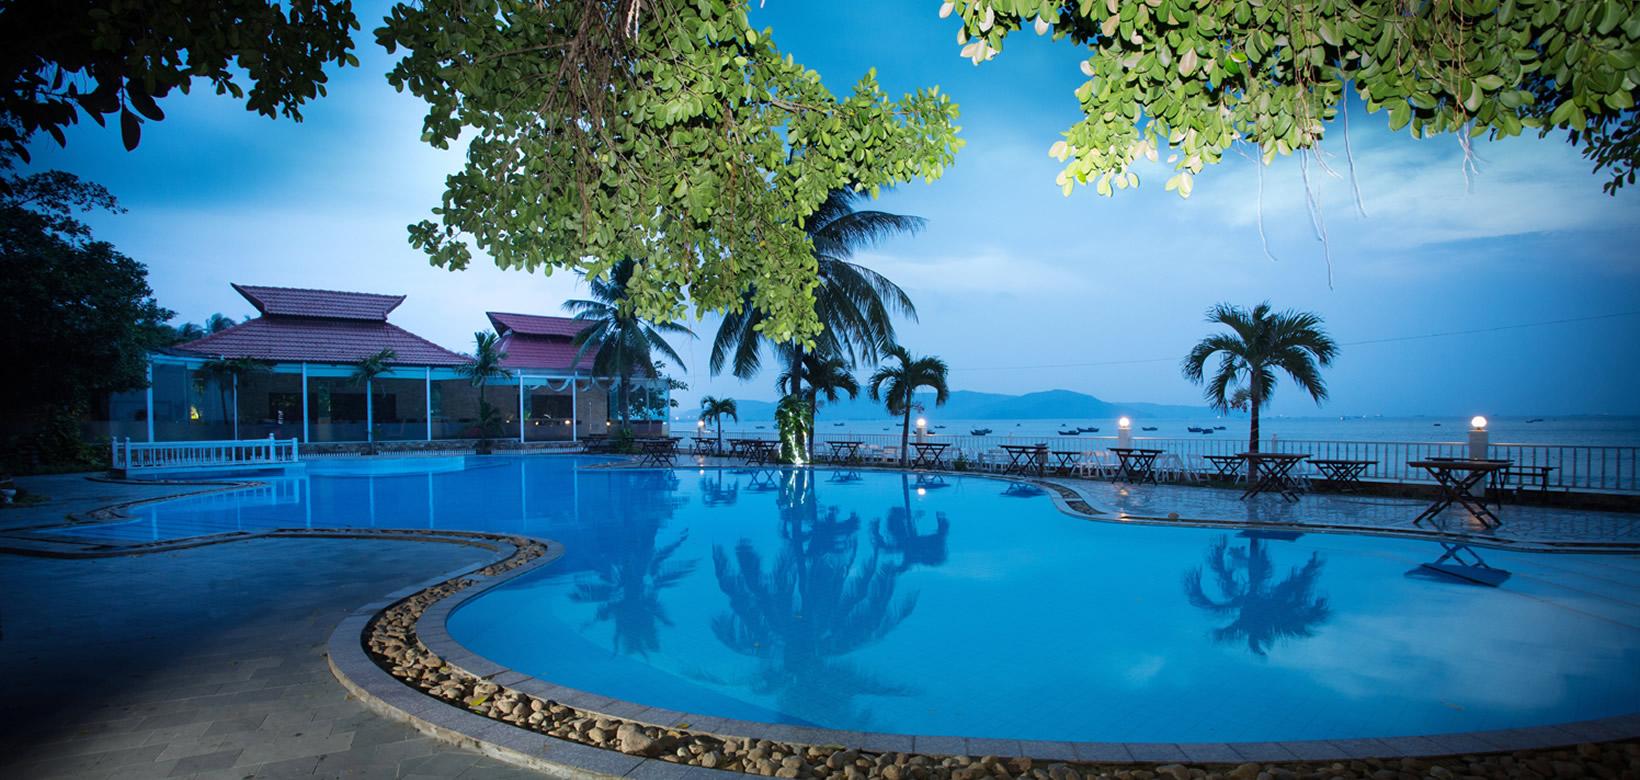 Royal Hotel Quy Nhơn